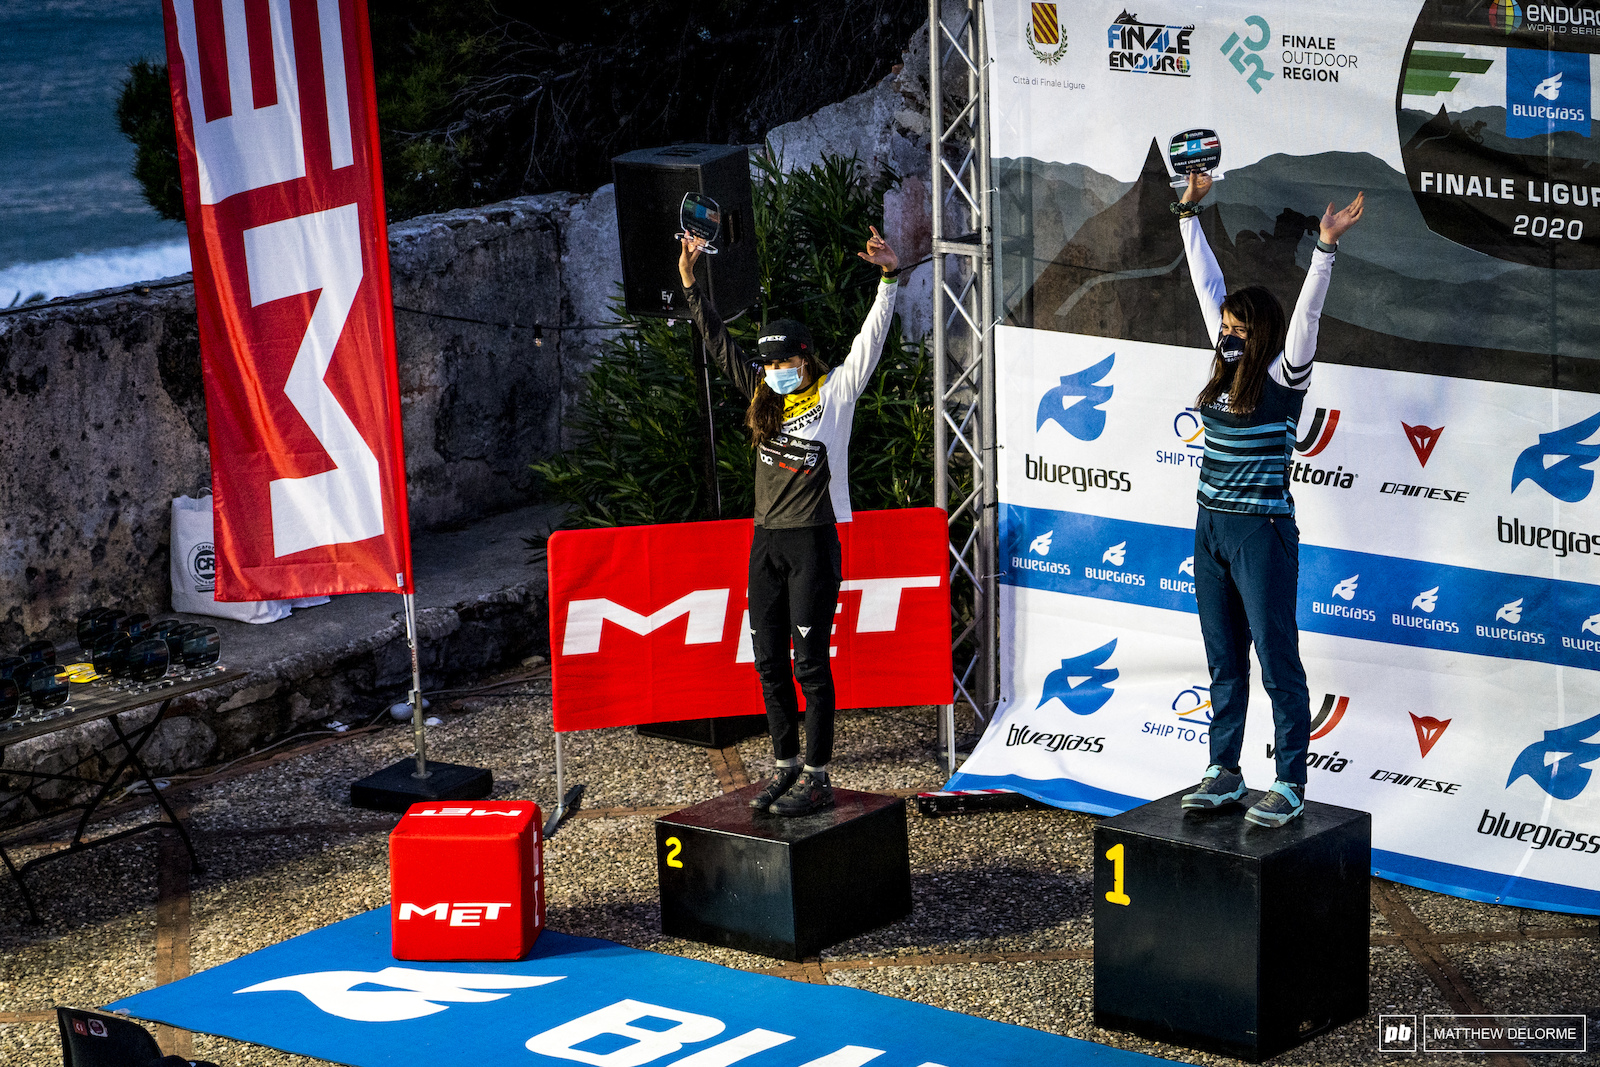 U21 Women podium. Hattie Harnden Sophie Riva.